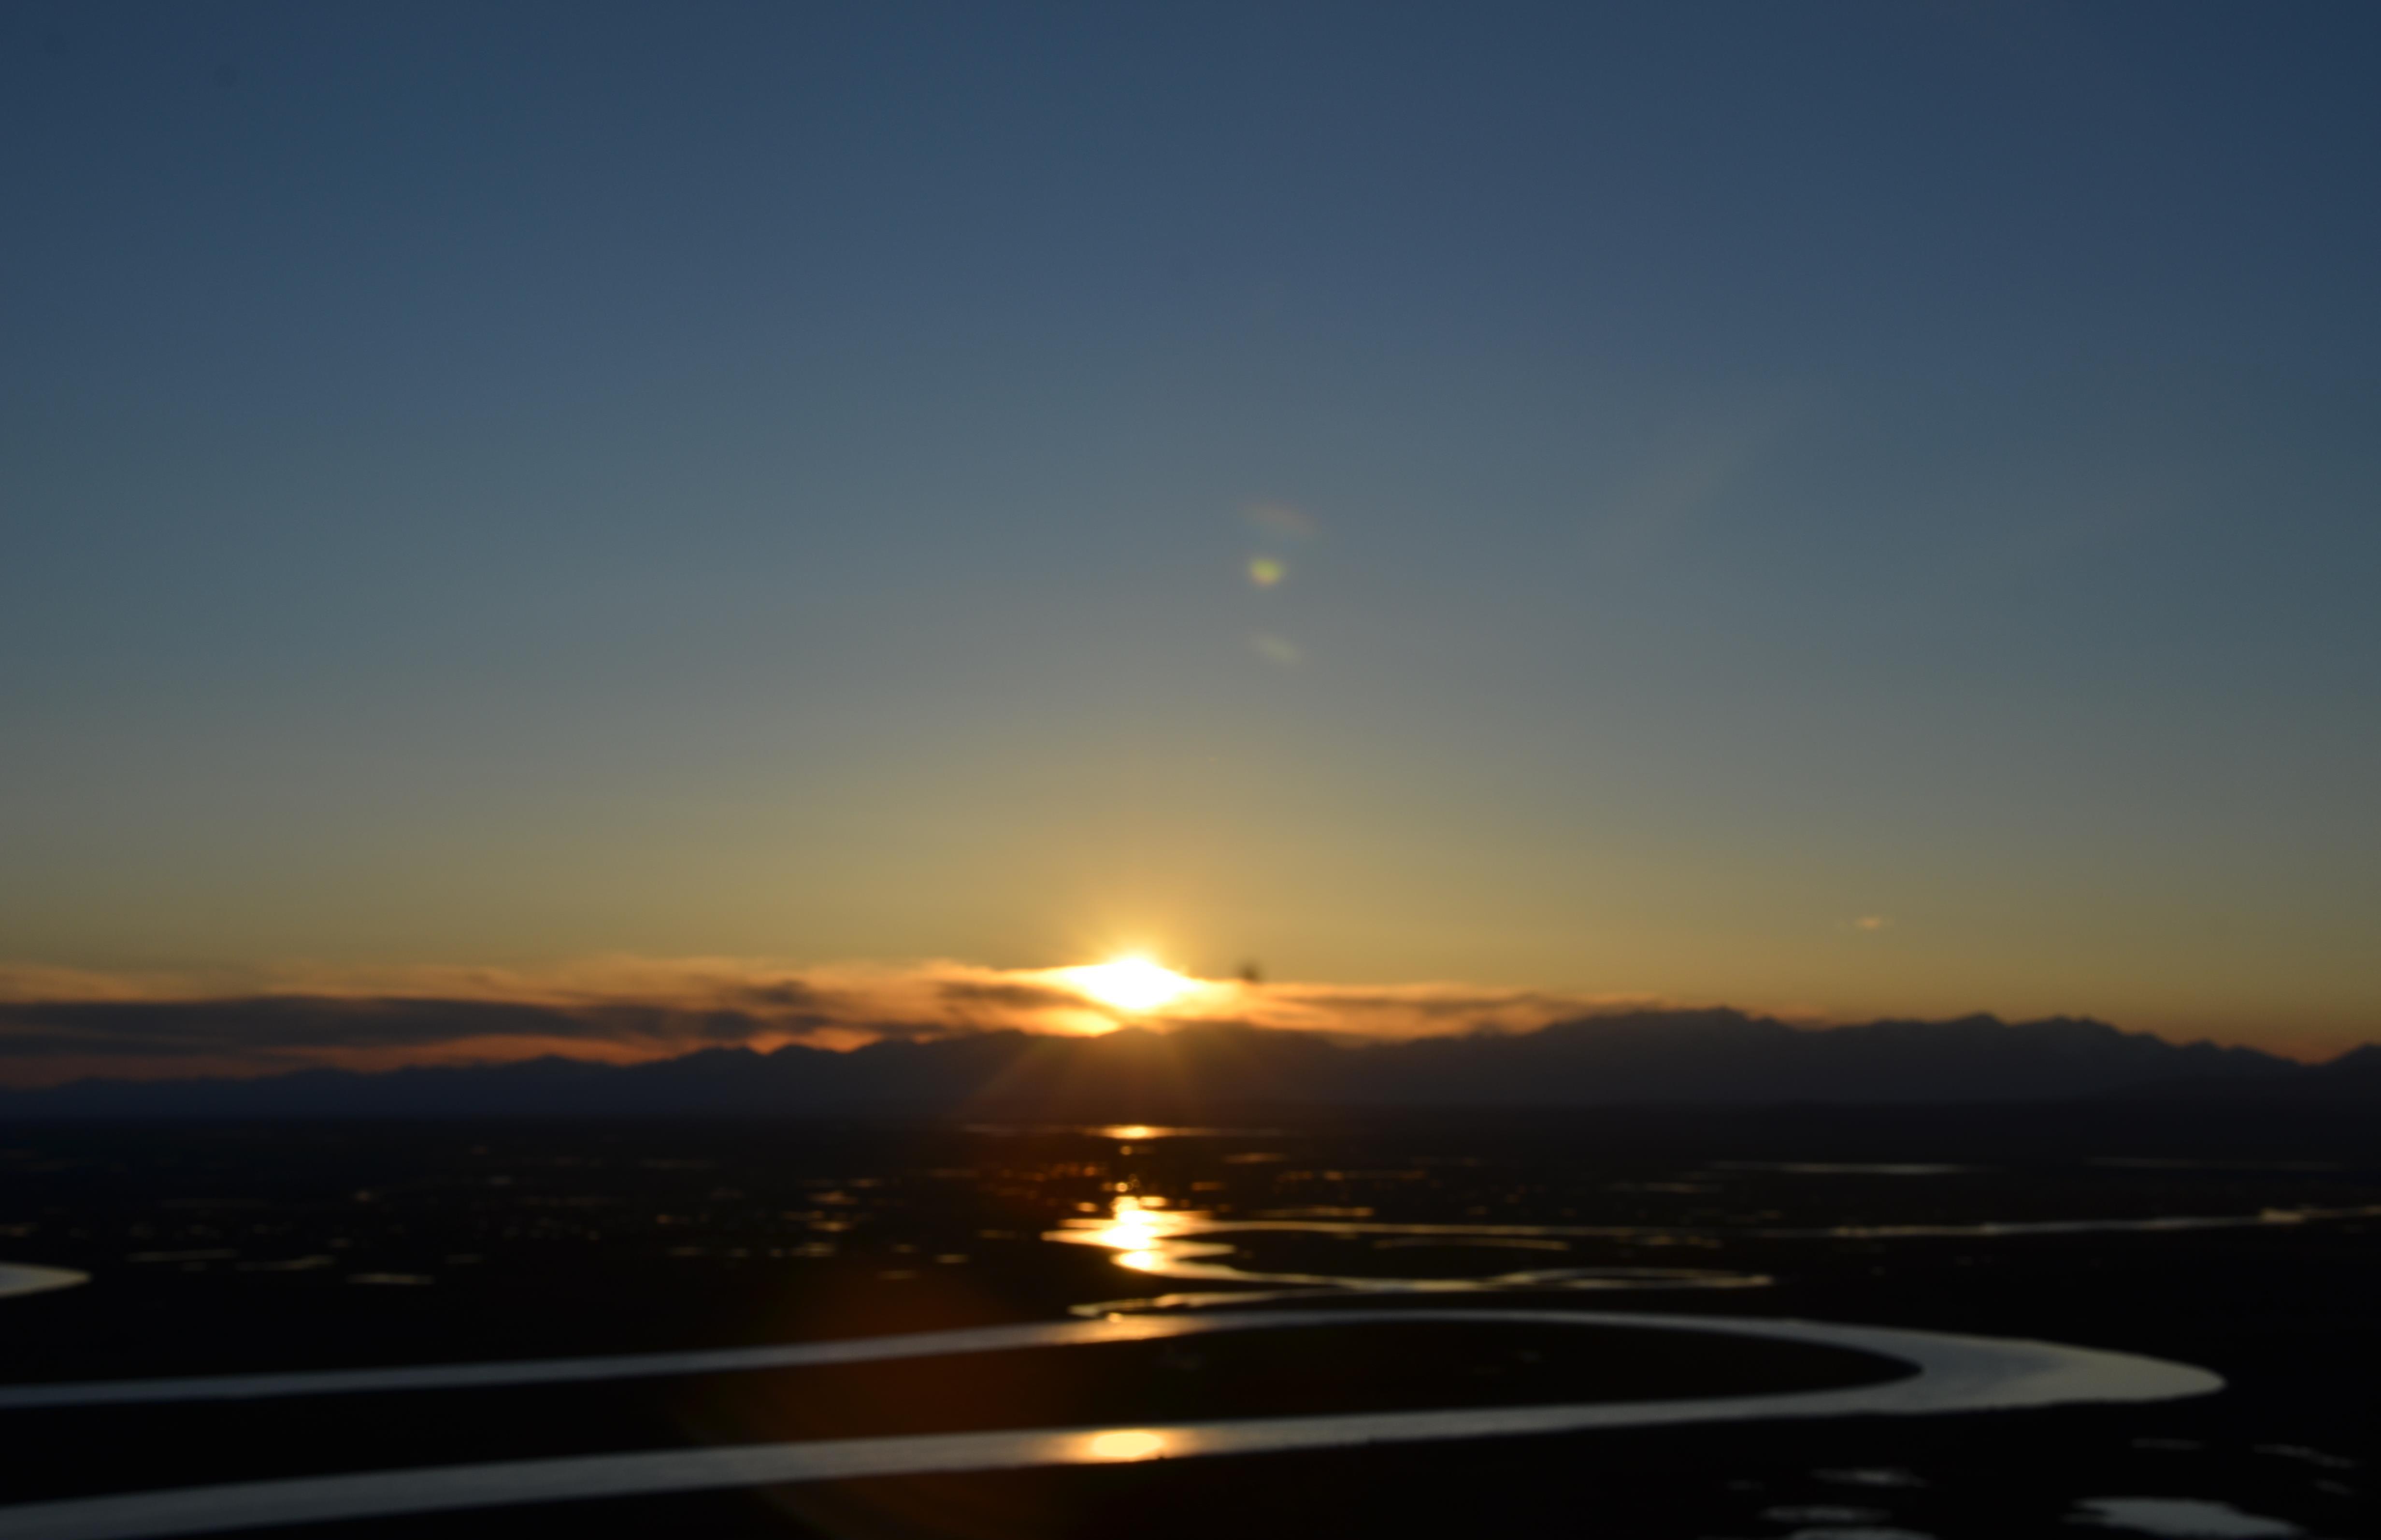 黎明前图片风景唯美